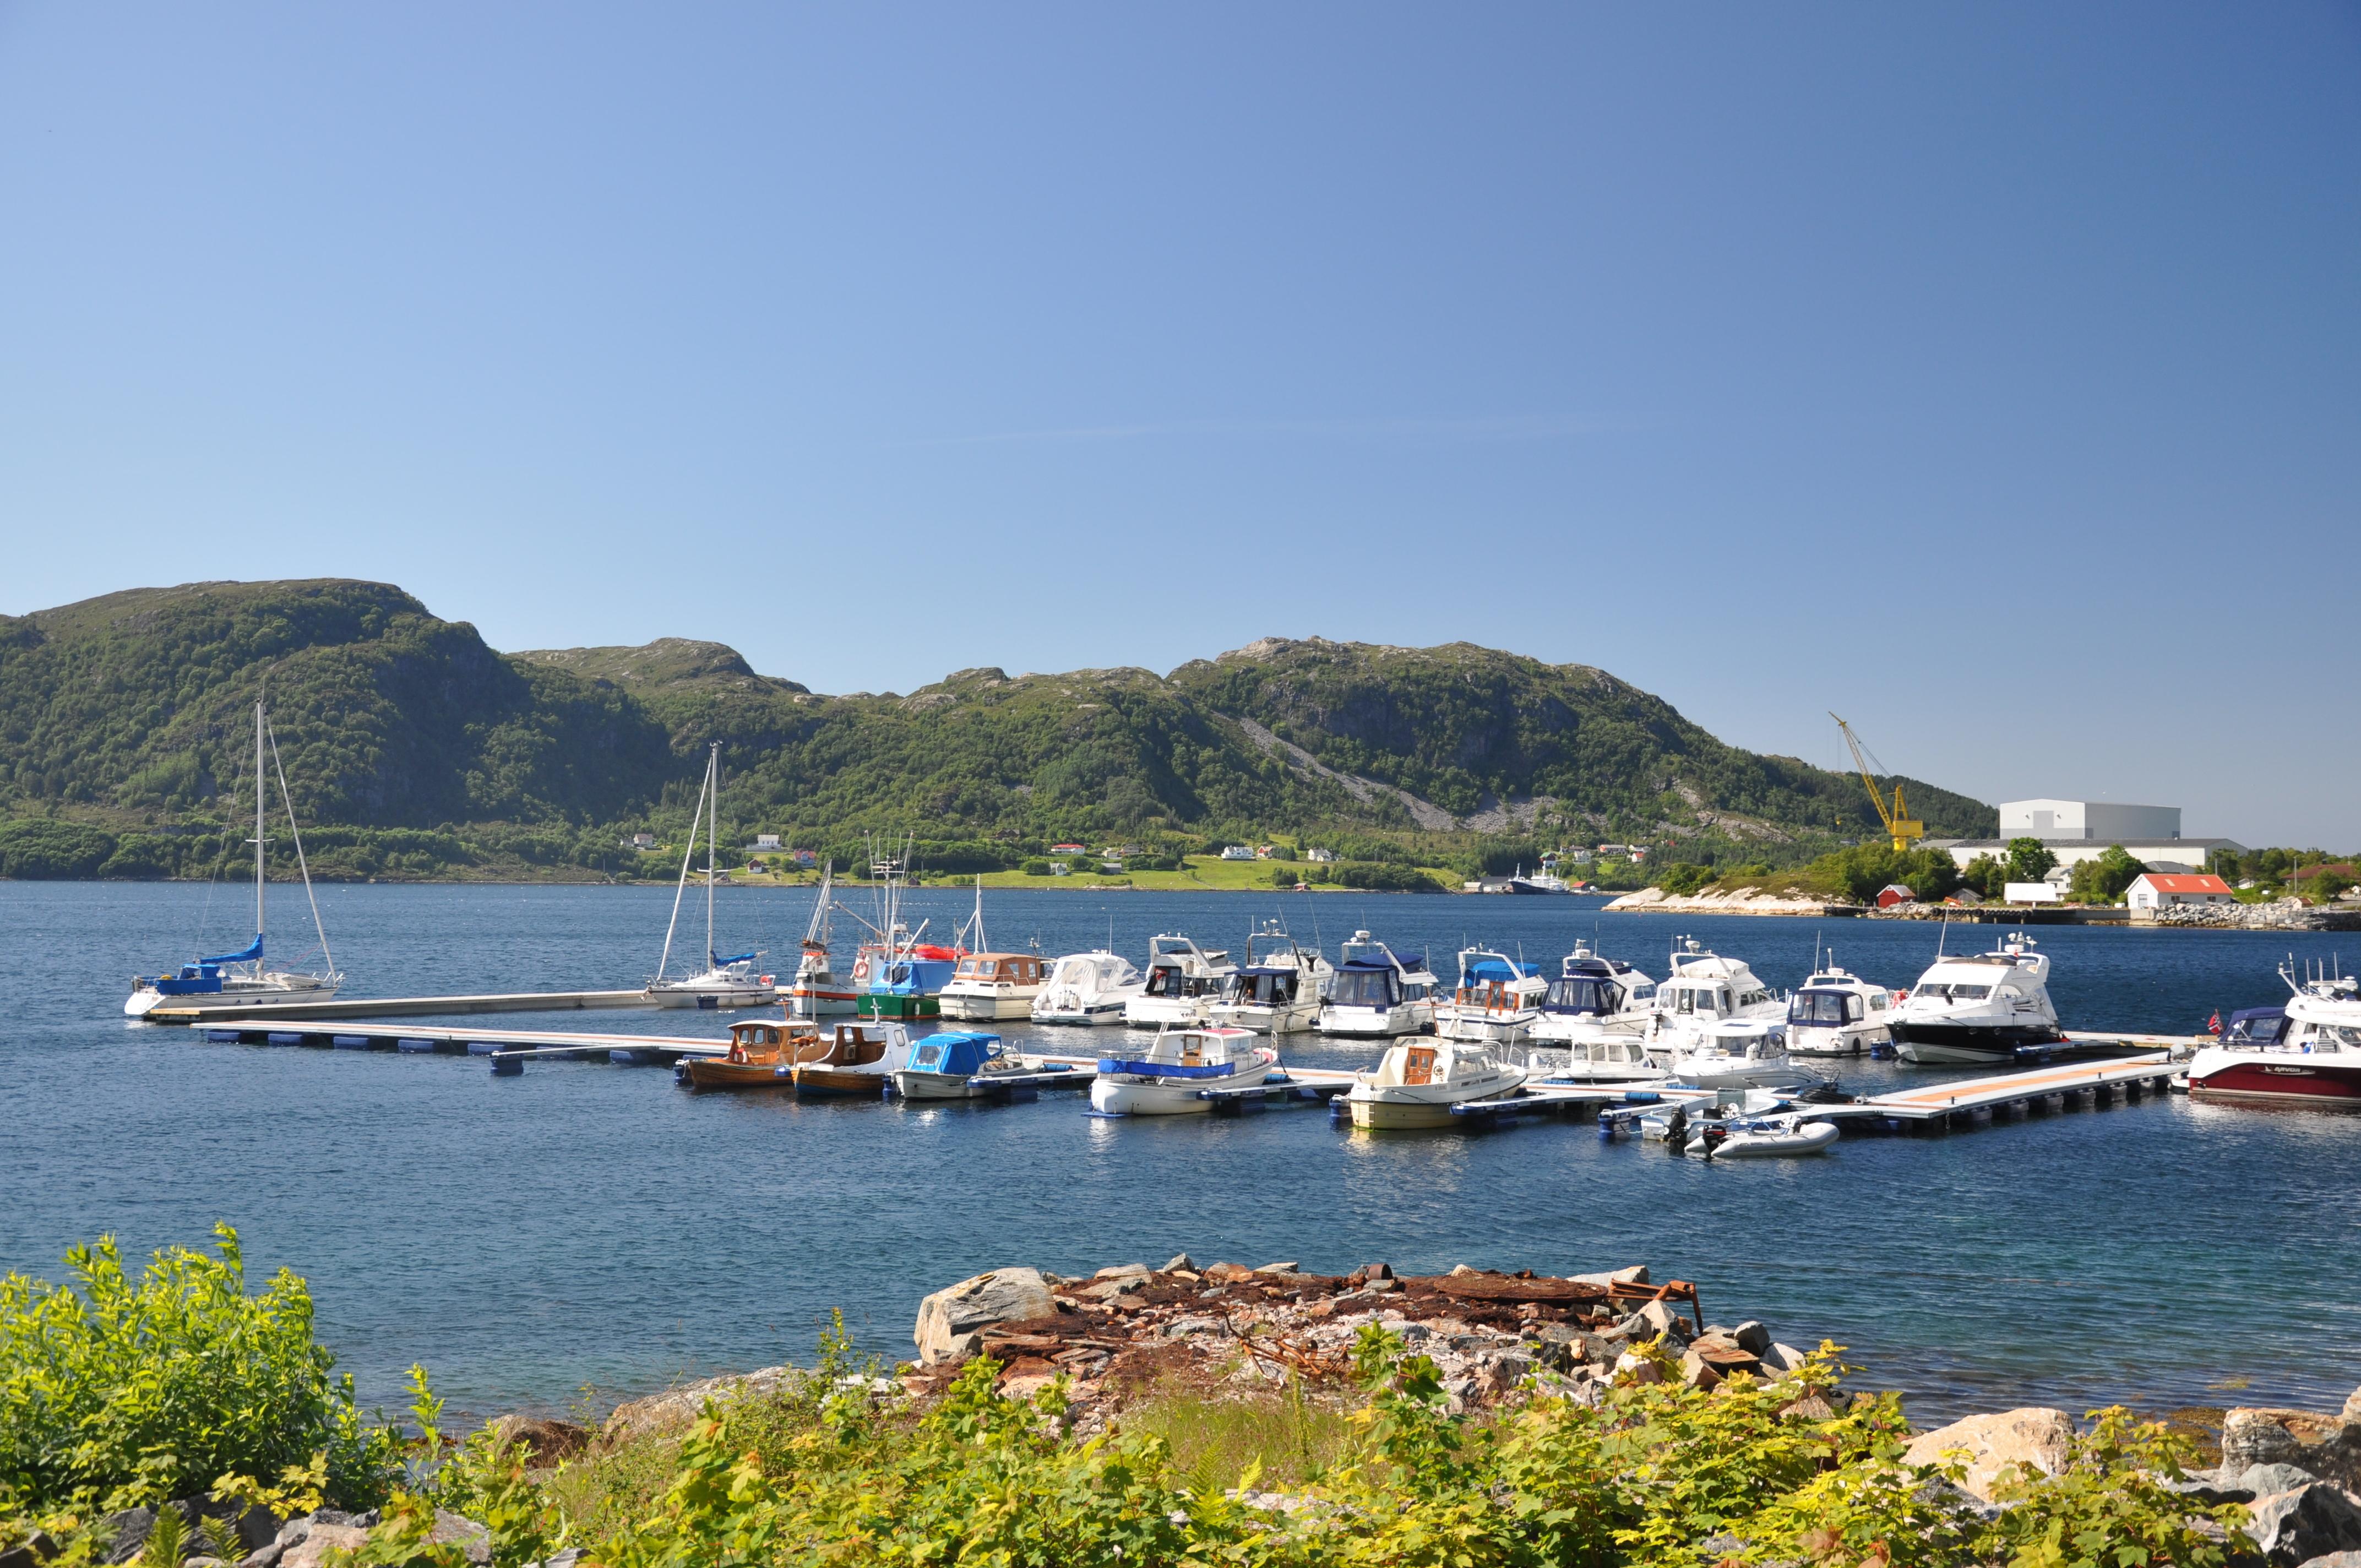 https://marinasolutions.no/uploads/Marina-Solutions-betong-brygge-stålbrygge-Midsund-Møre-og-Romsdal.JPG